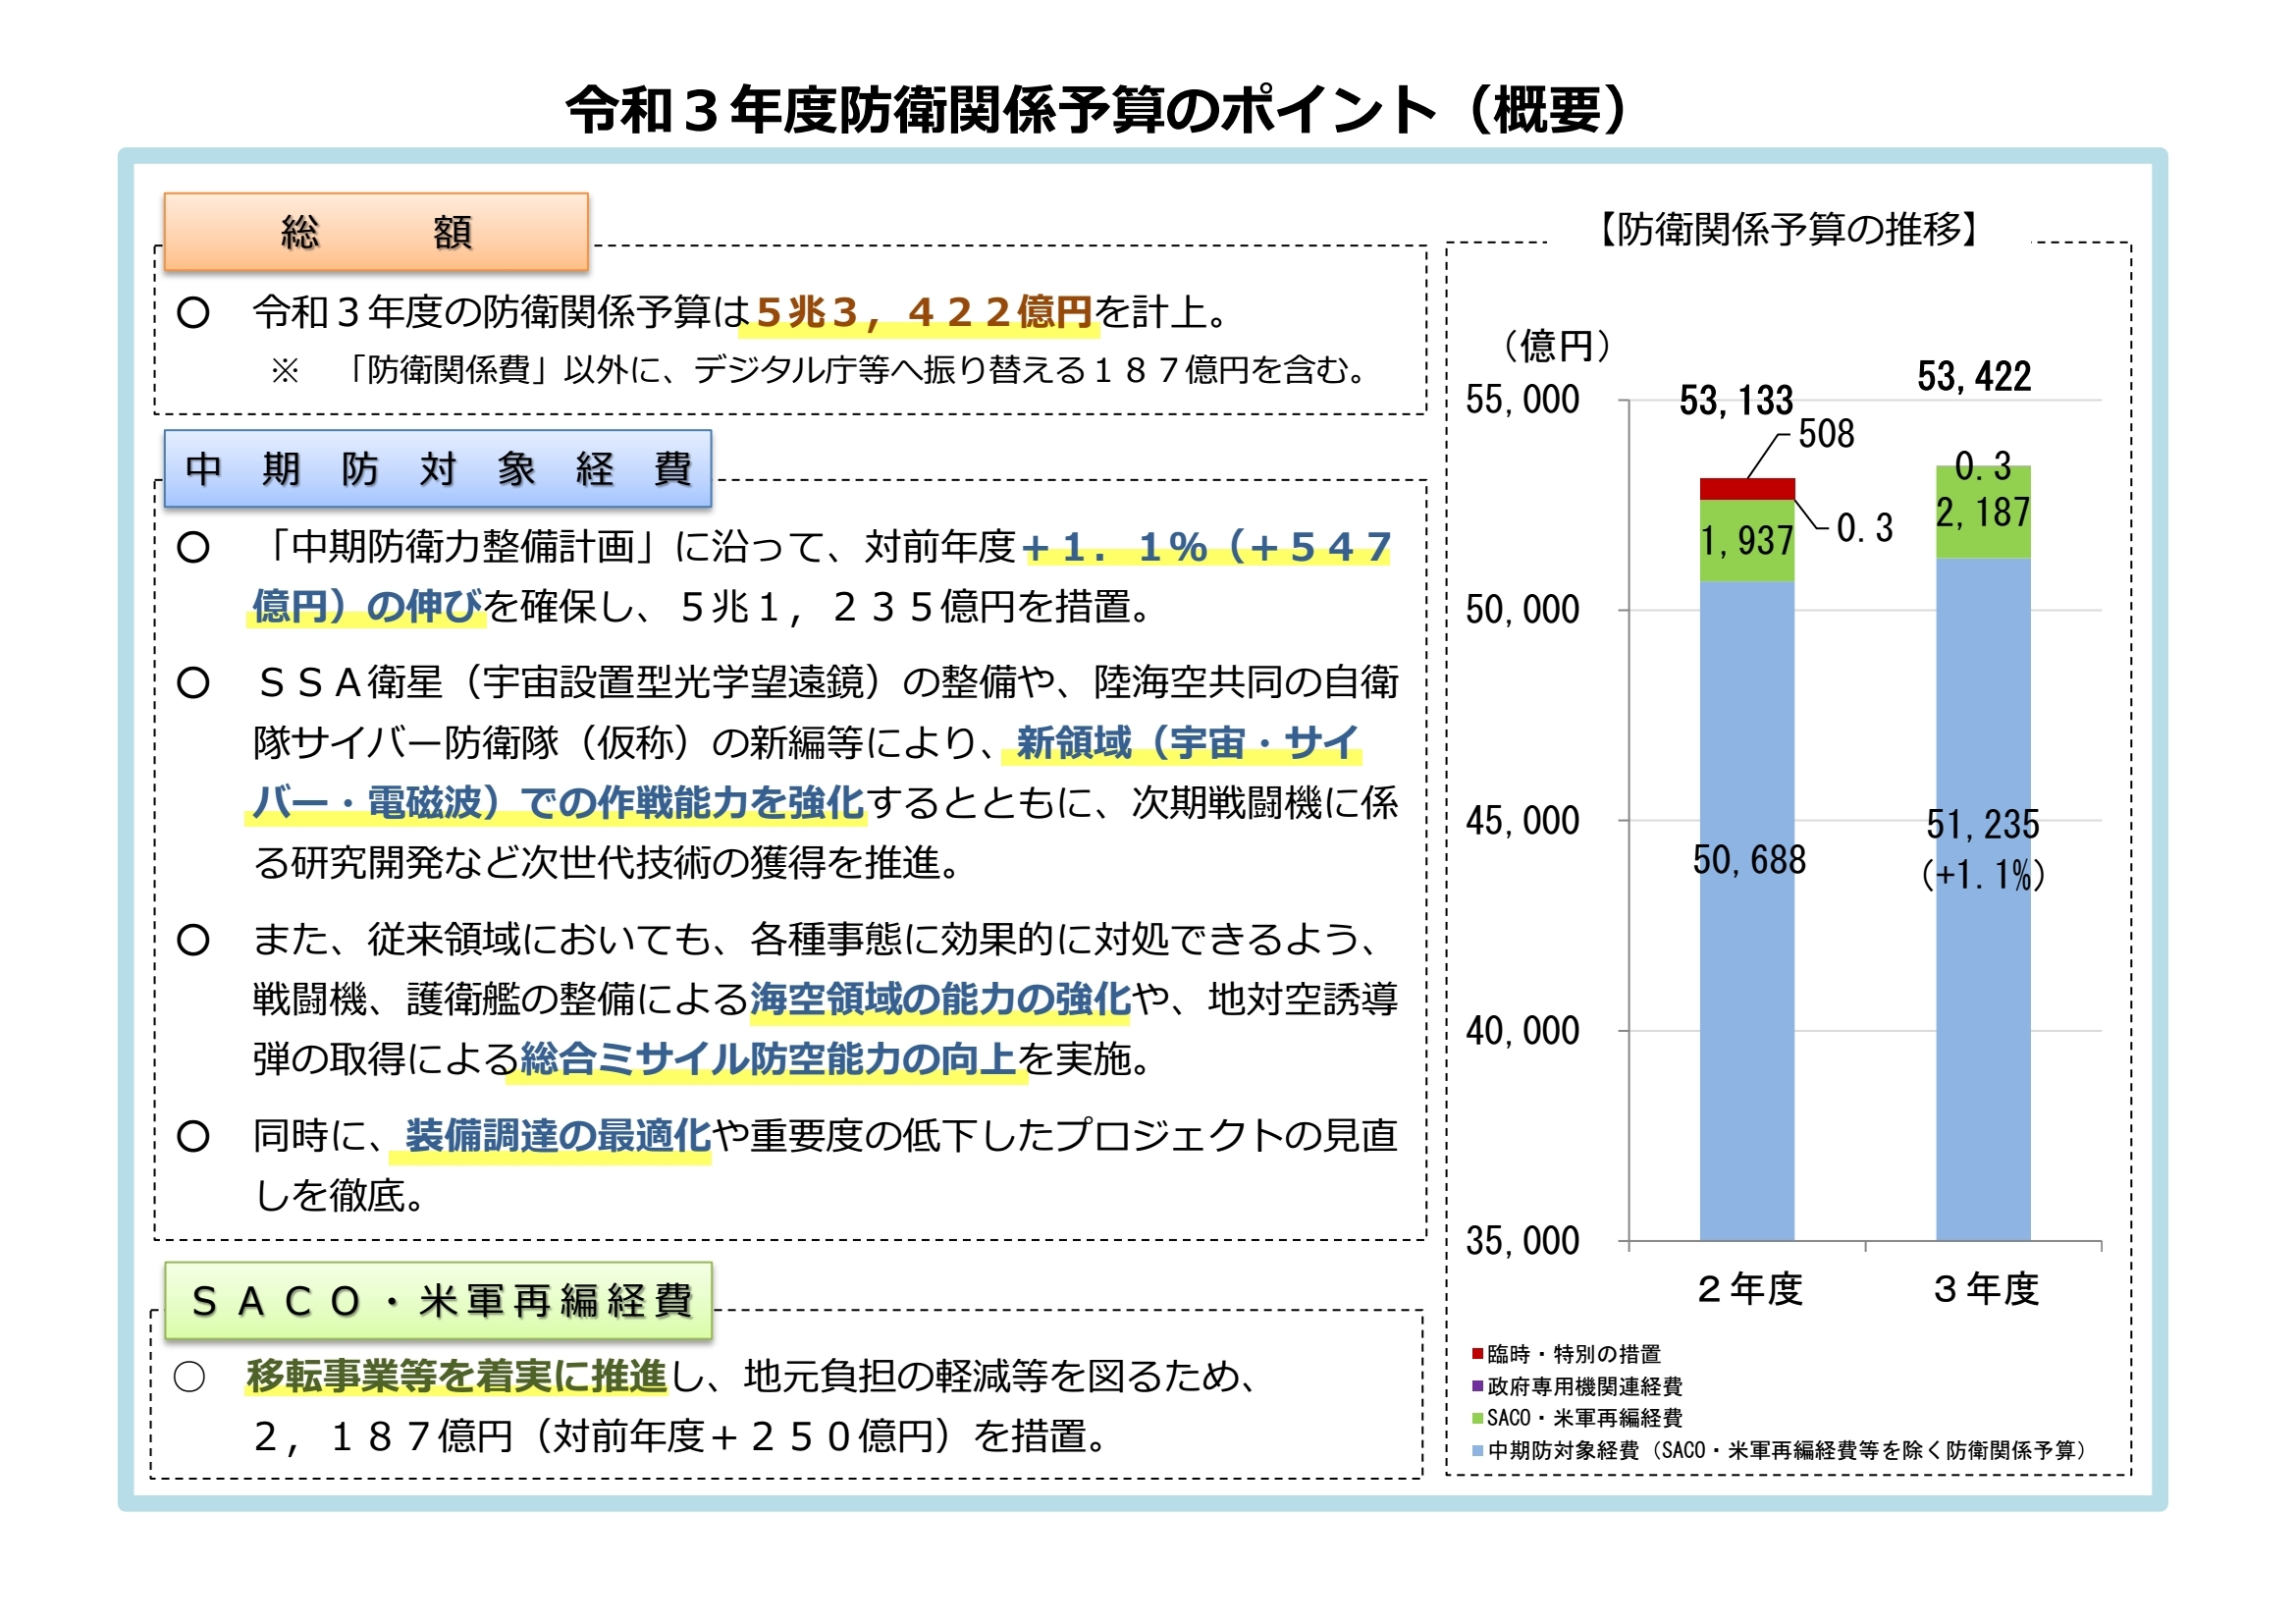 財務省2021年度防衛関係予算のポイント(概要)0001